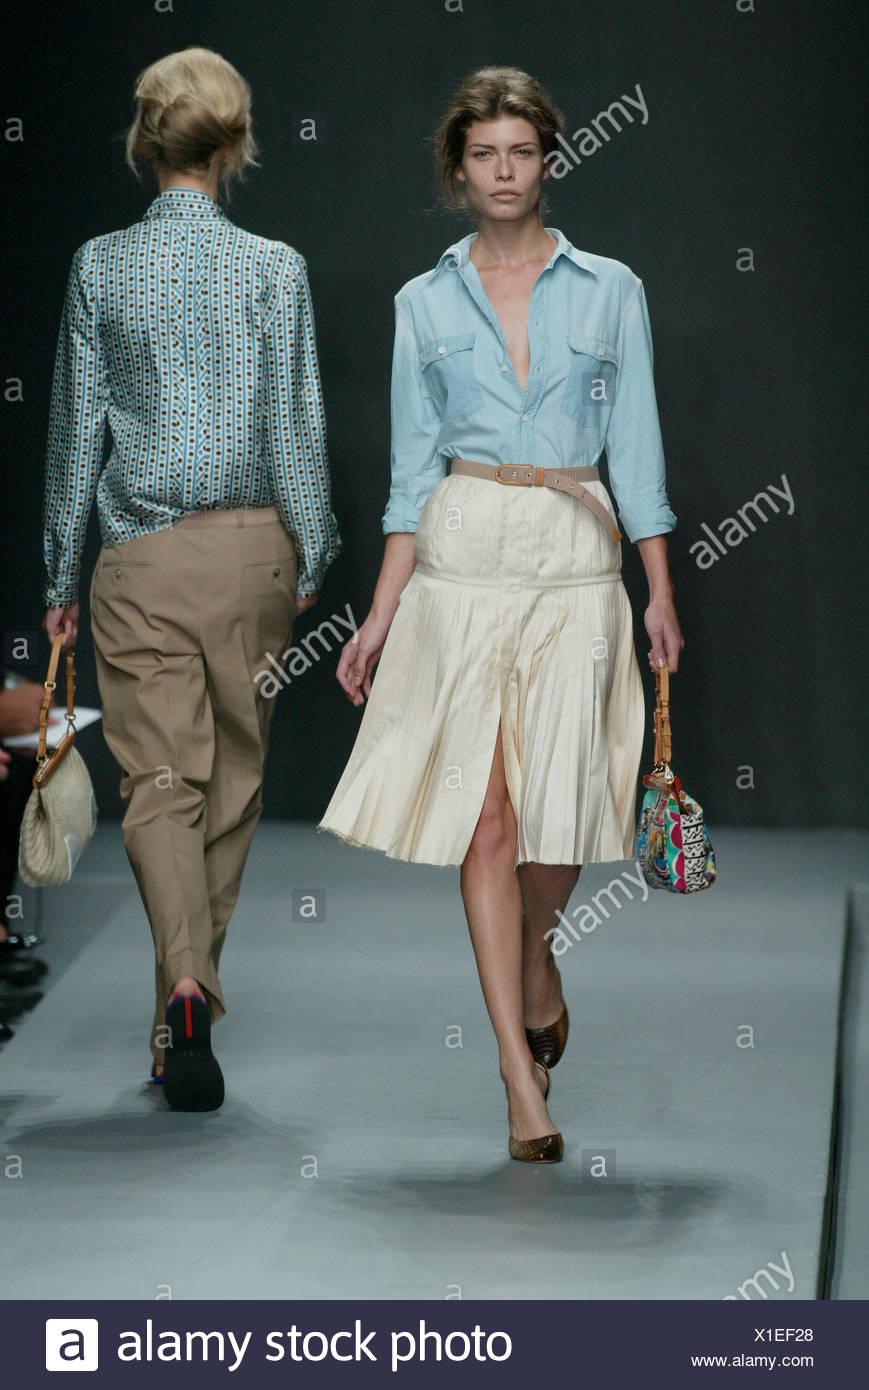 ed82dbc249 Prada Milan listo para vestir primavera verano de dos modelos, uno una  grave expresión corta bob brown vistiendo camisa azul unbuttoned